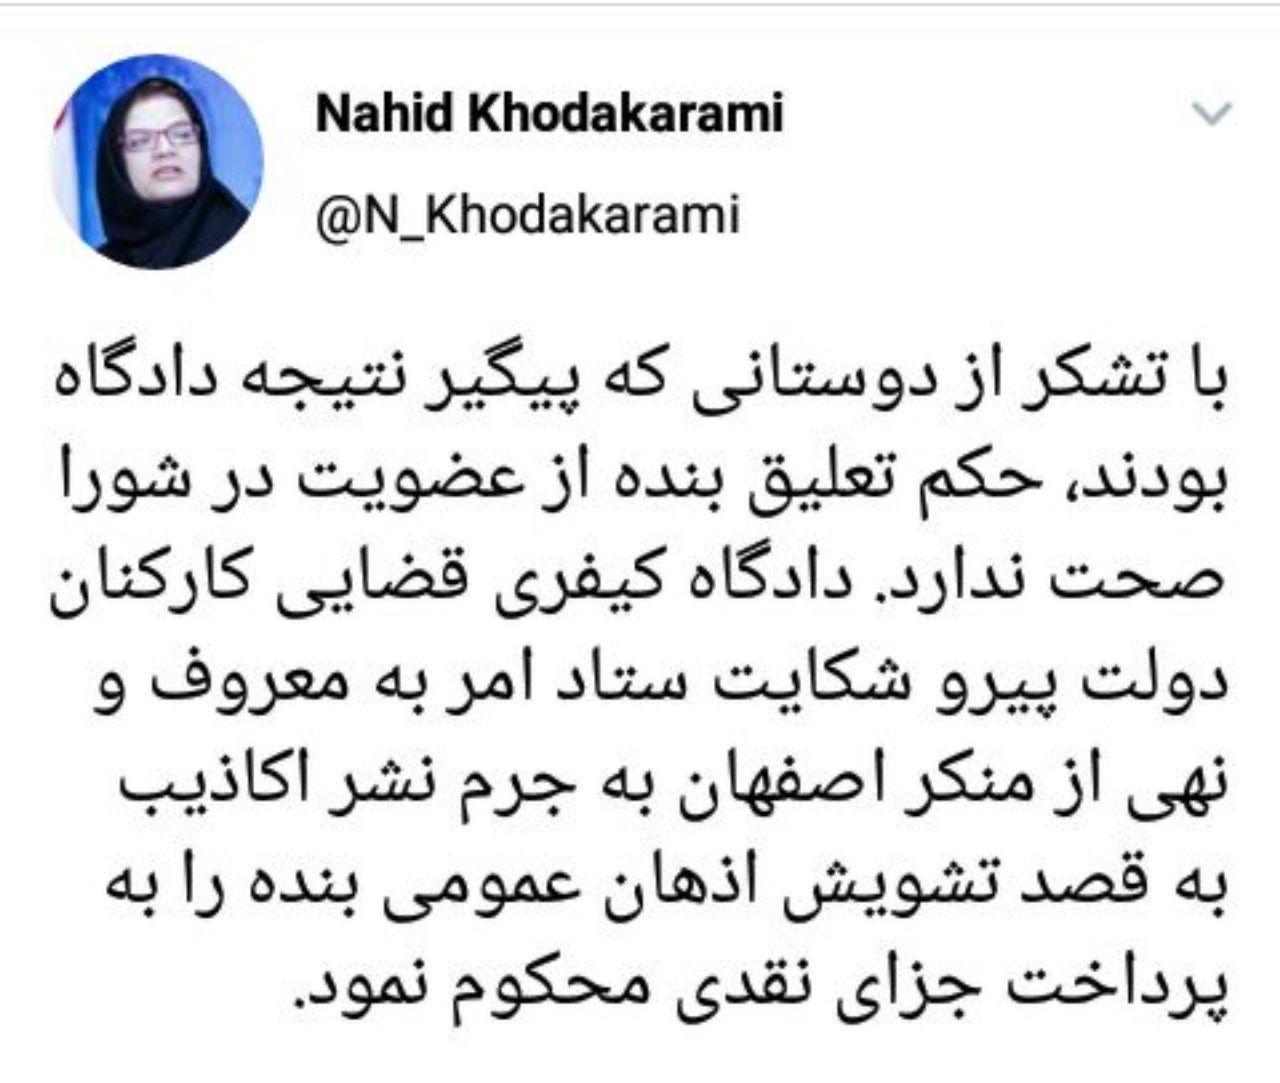 تعلیق عضو شورای شهر تهران از شایعه تا واقعیت